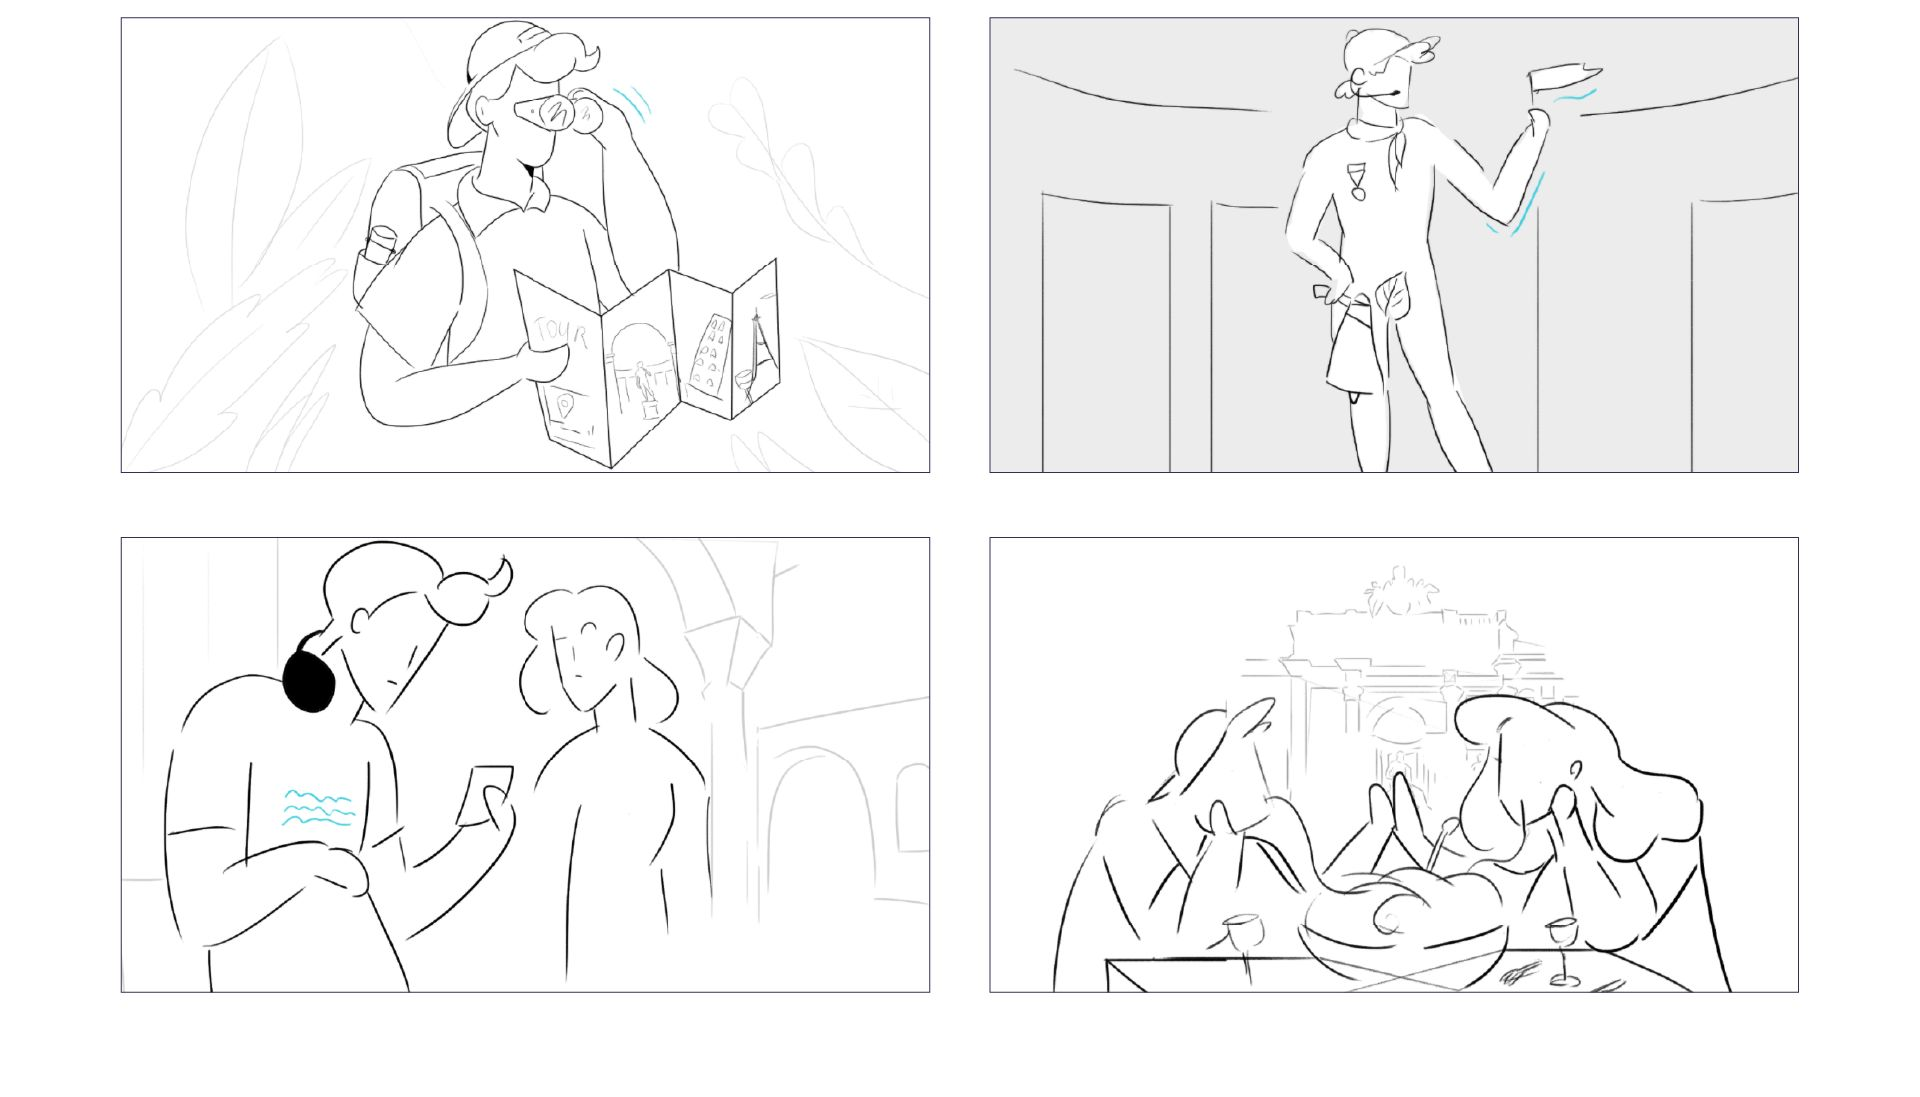 tourbuds sketches